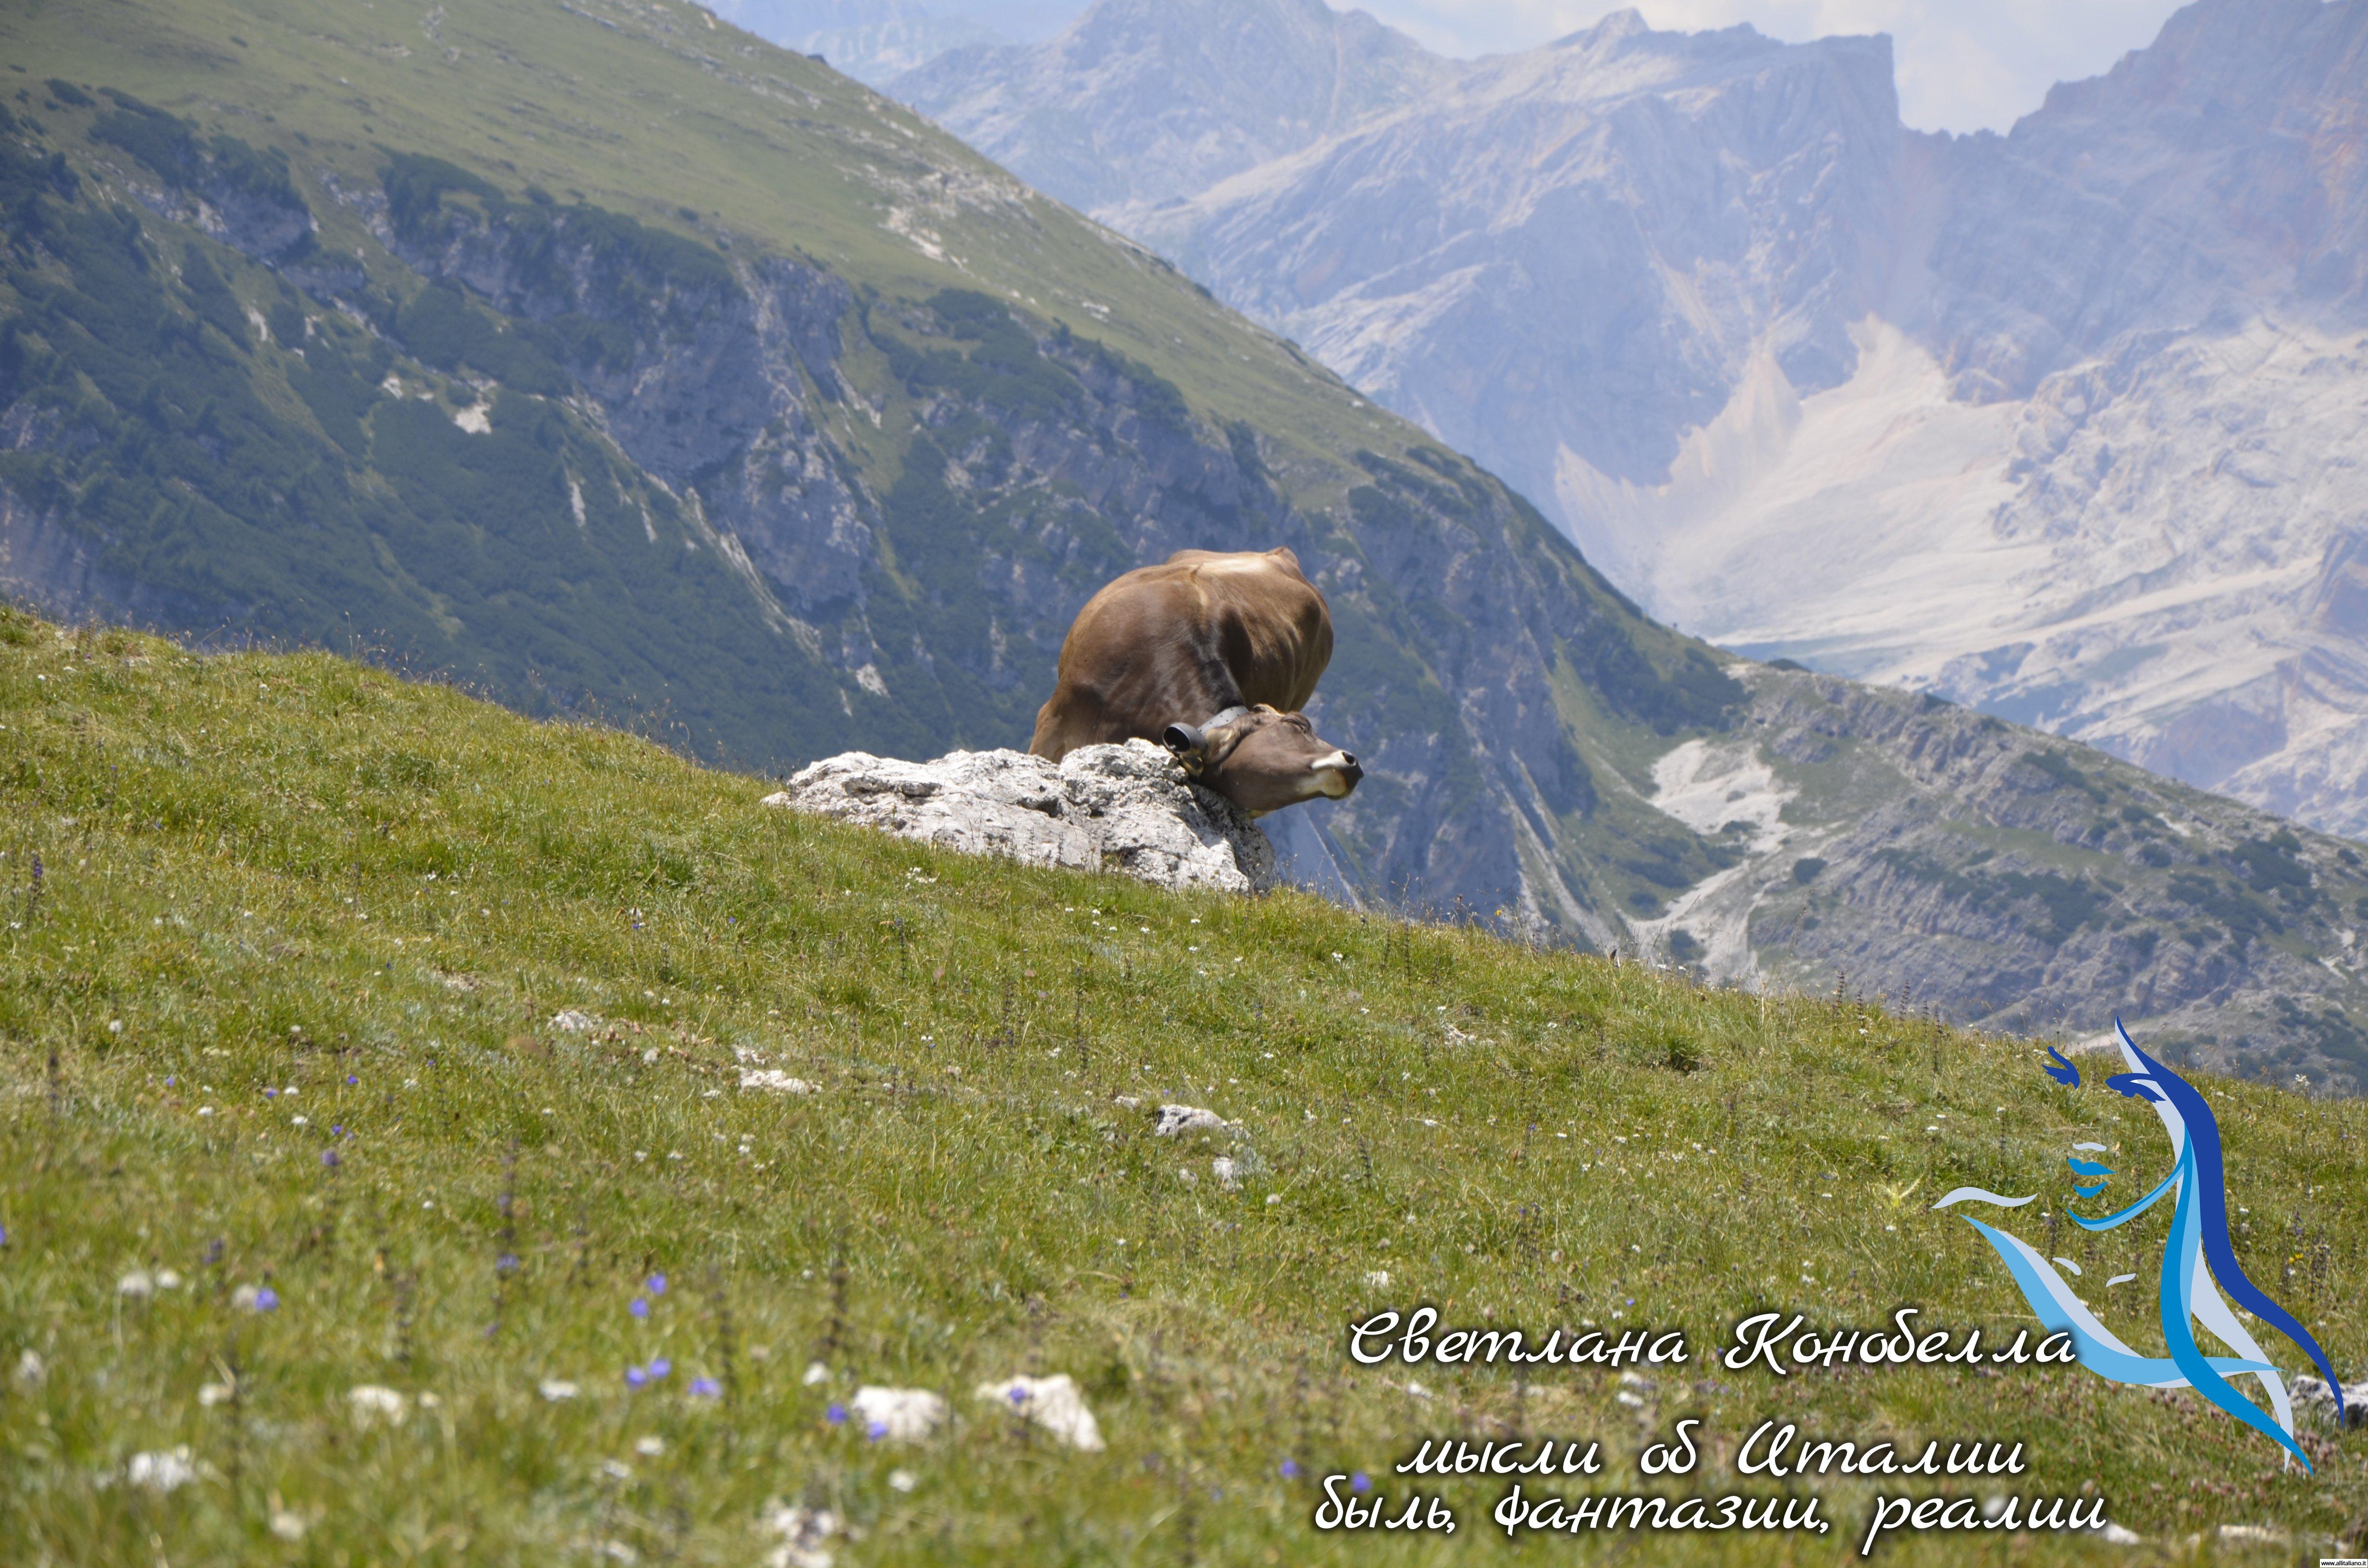 svetlana-konobella-italy-italia- gornye-puteshestvija-dolomitovye-alpy-trekking-hiking-juzhnyj-tirol-alto-adoge (1)